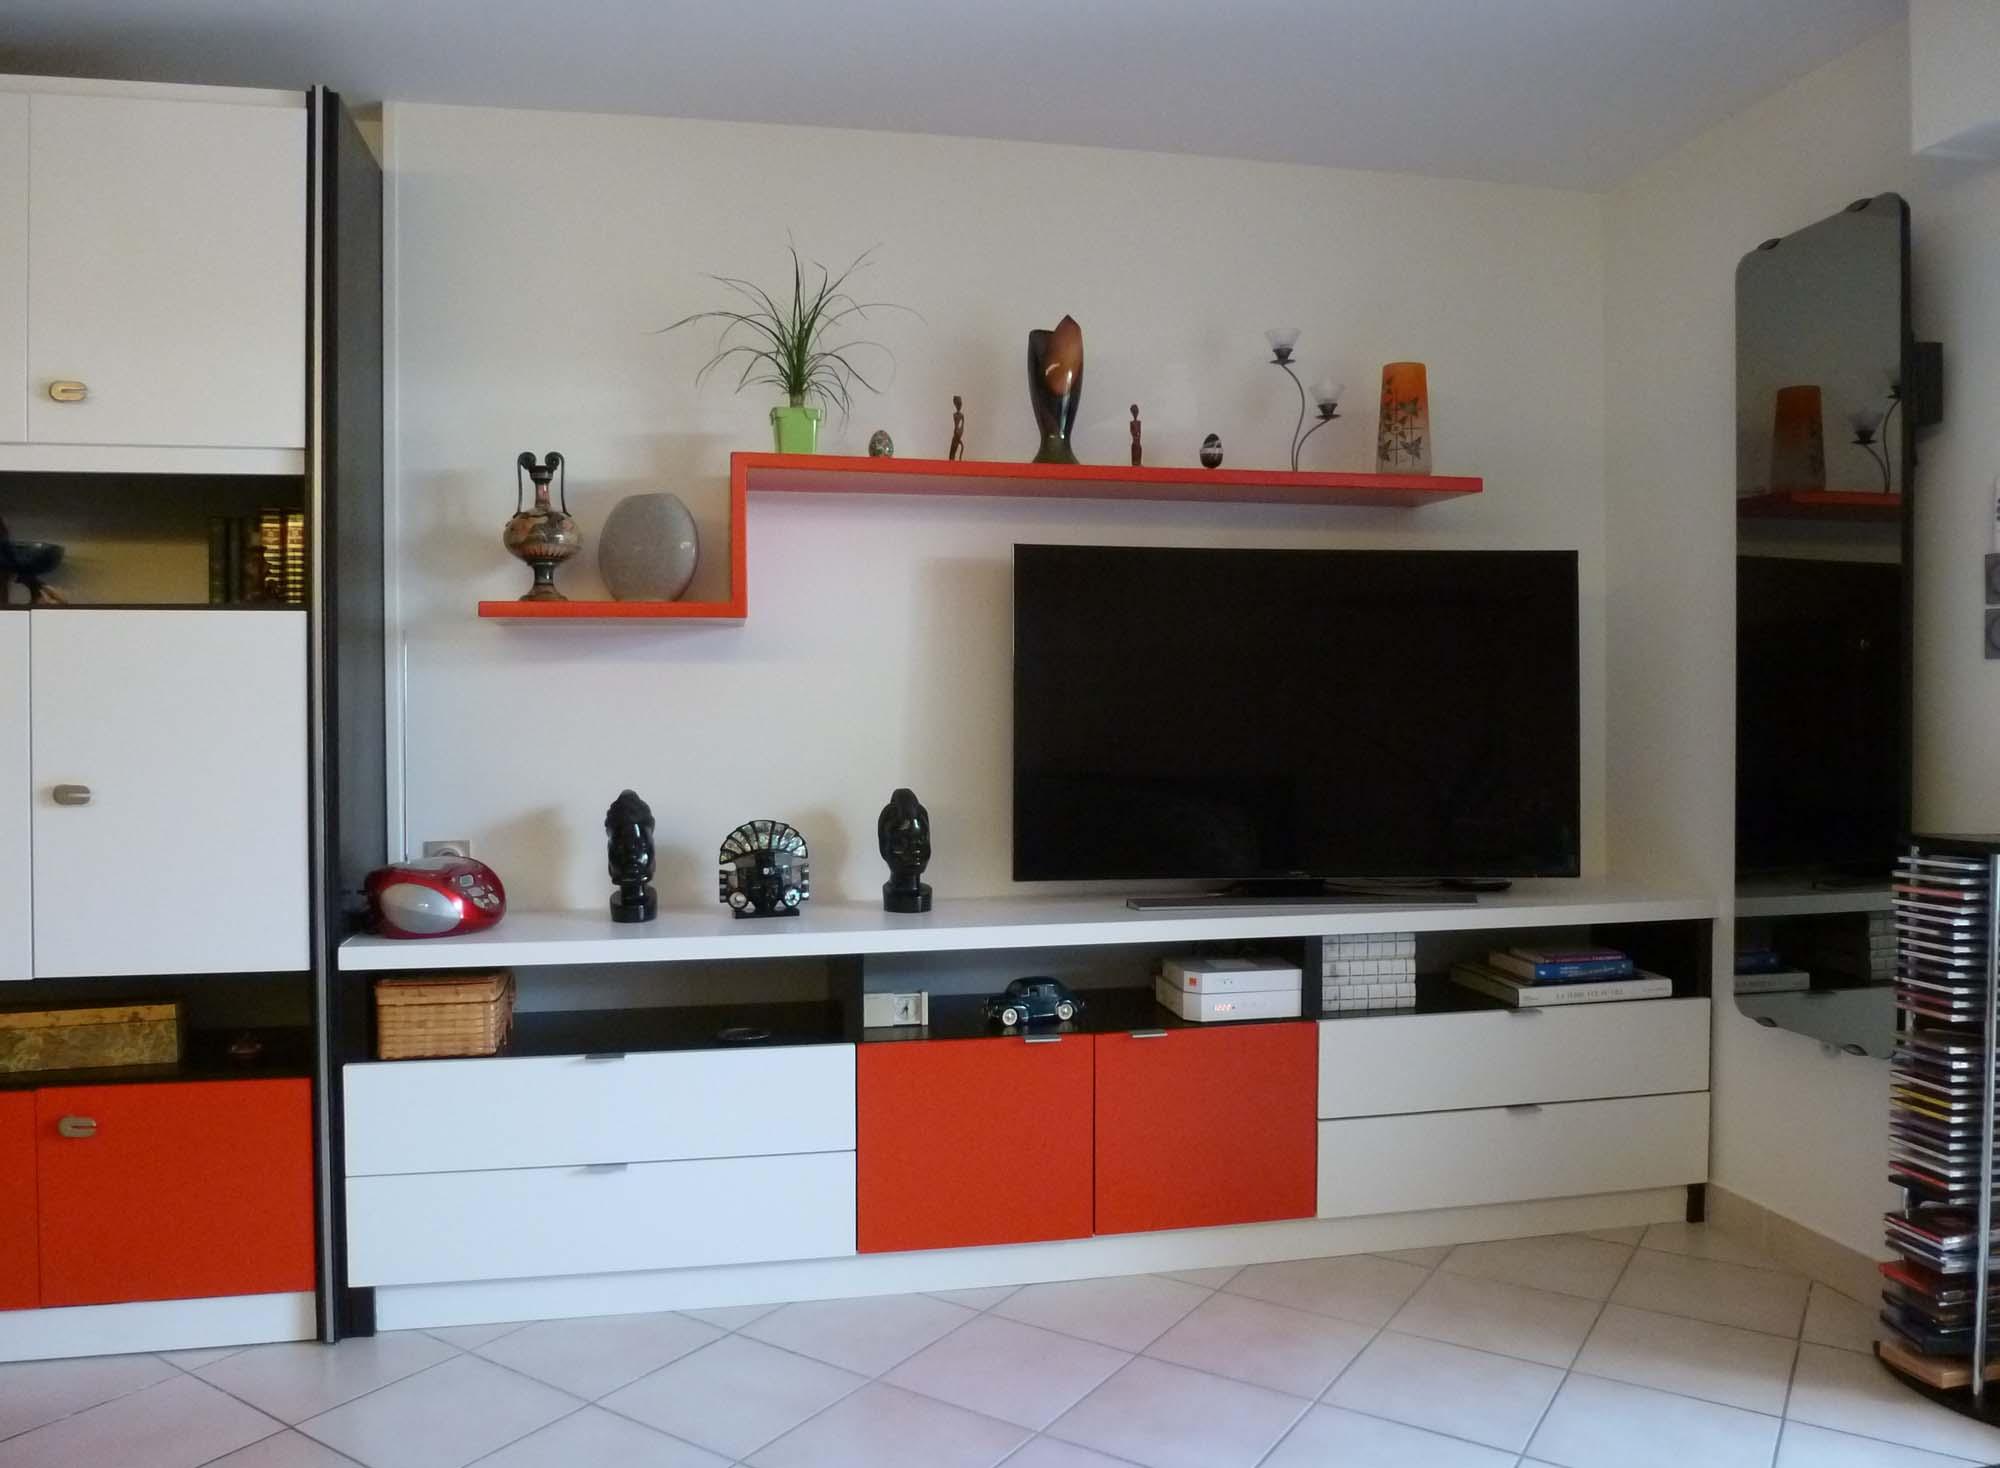 appartement sarzeau couedel design herve couedel architecte d 39 interieur muzillac et sarzeau. Black Bedroom Furniture Sets. Home Design Ideas